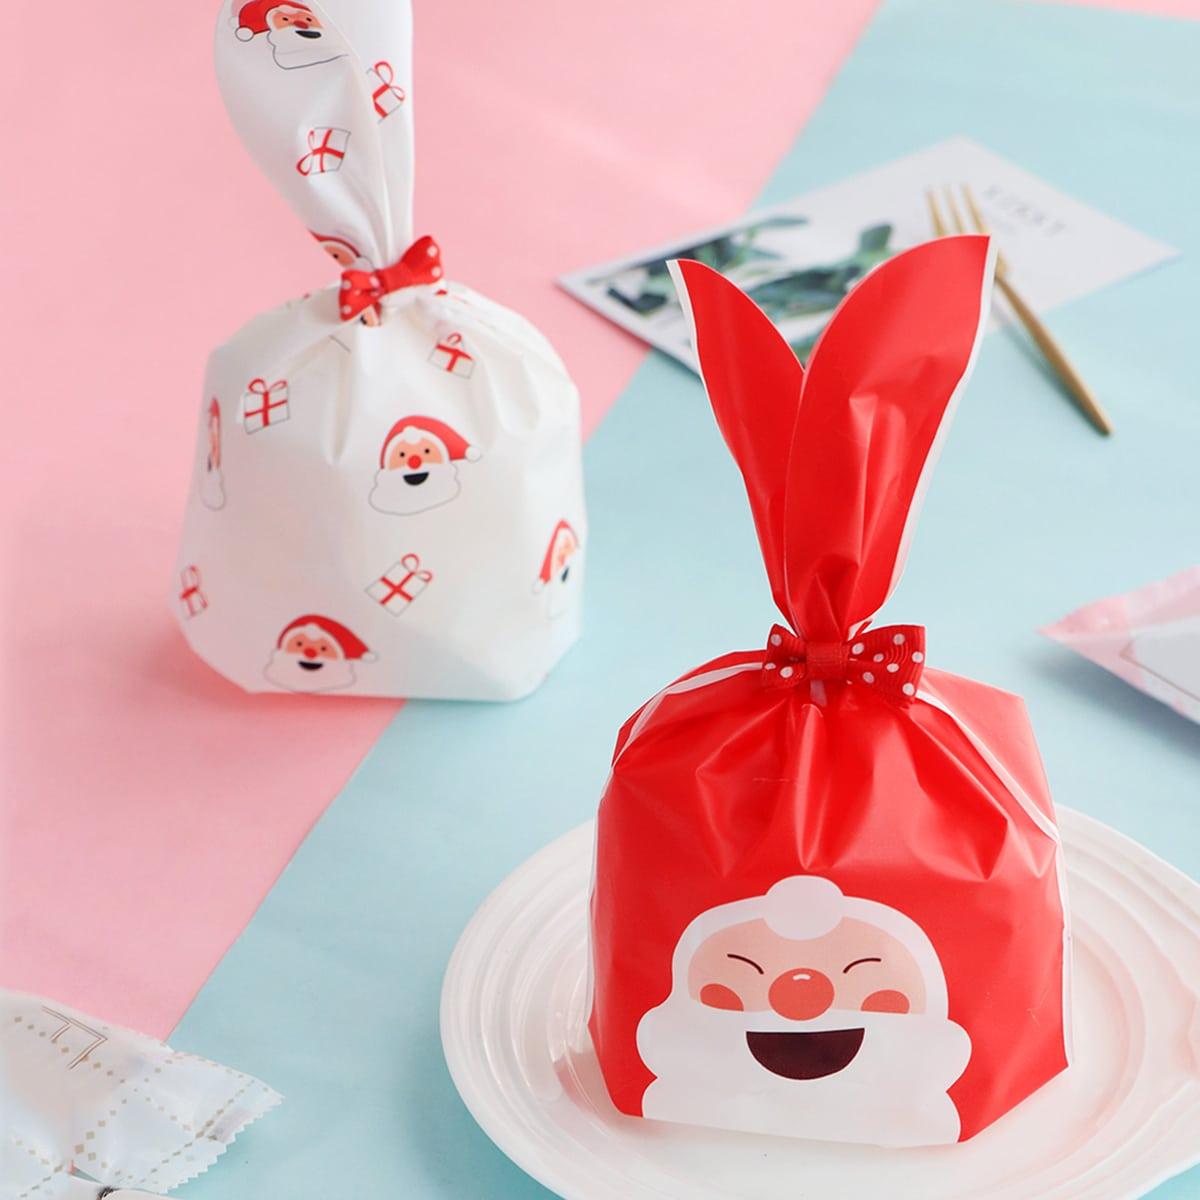 50 stks kerstman print konijn oor koekjestasje